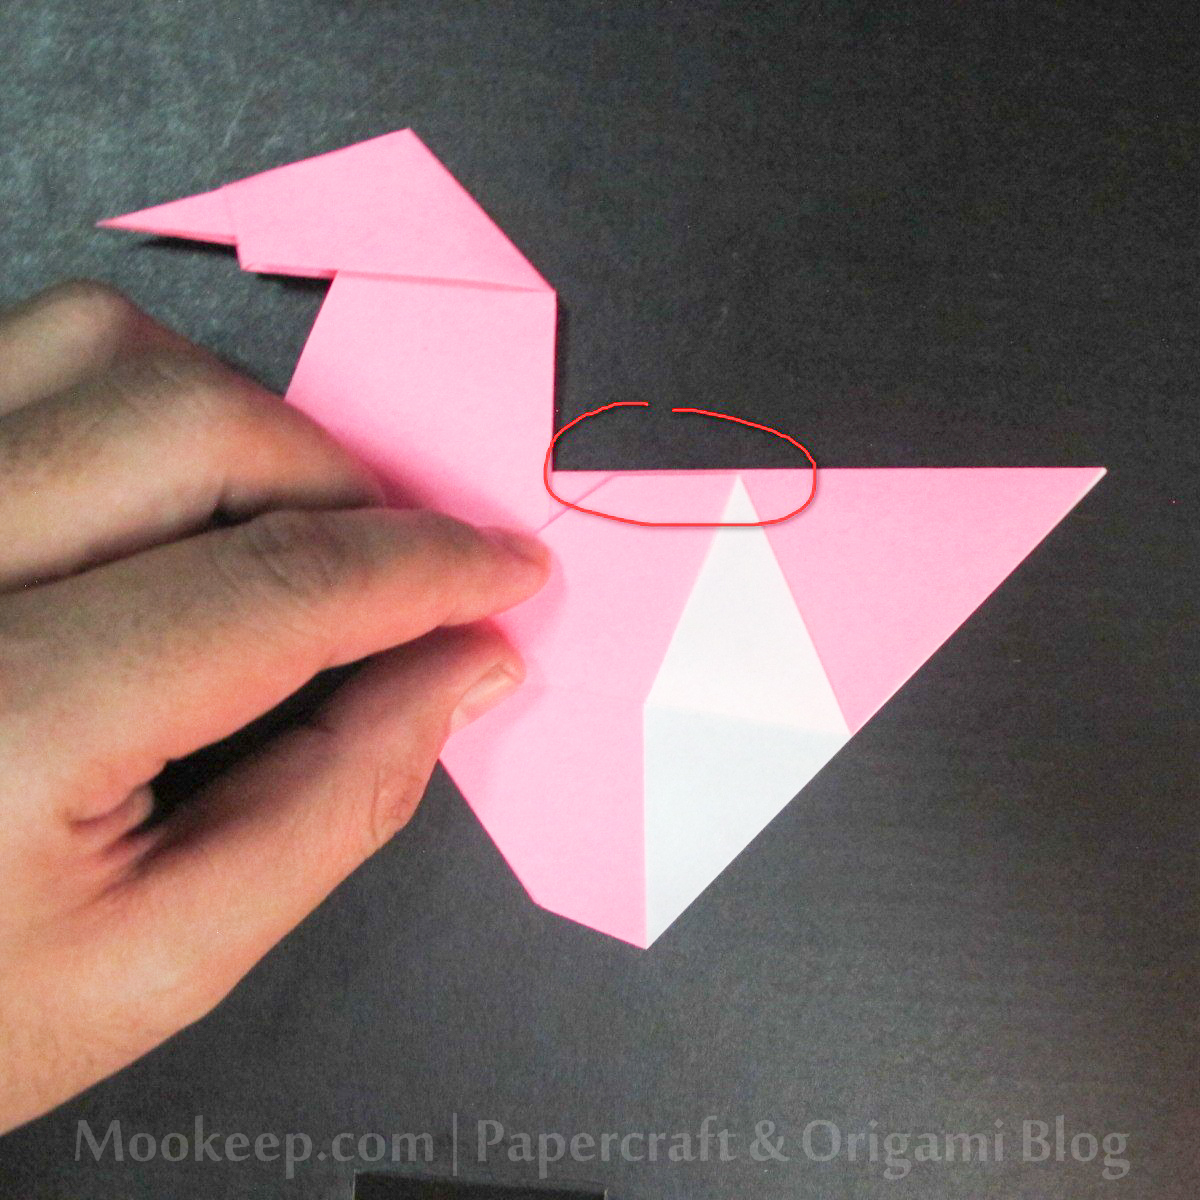 สอนวิธีการพับกระดาษเป็นรูปเป็ด (Origami Duck) - 021.jpg